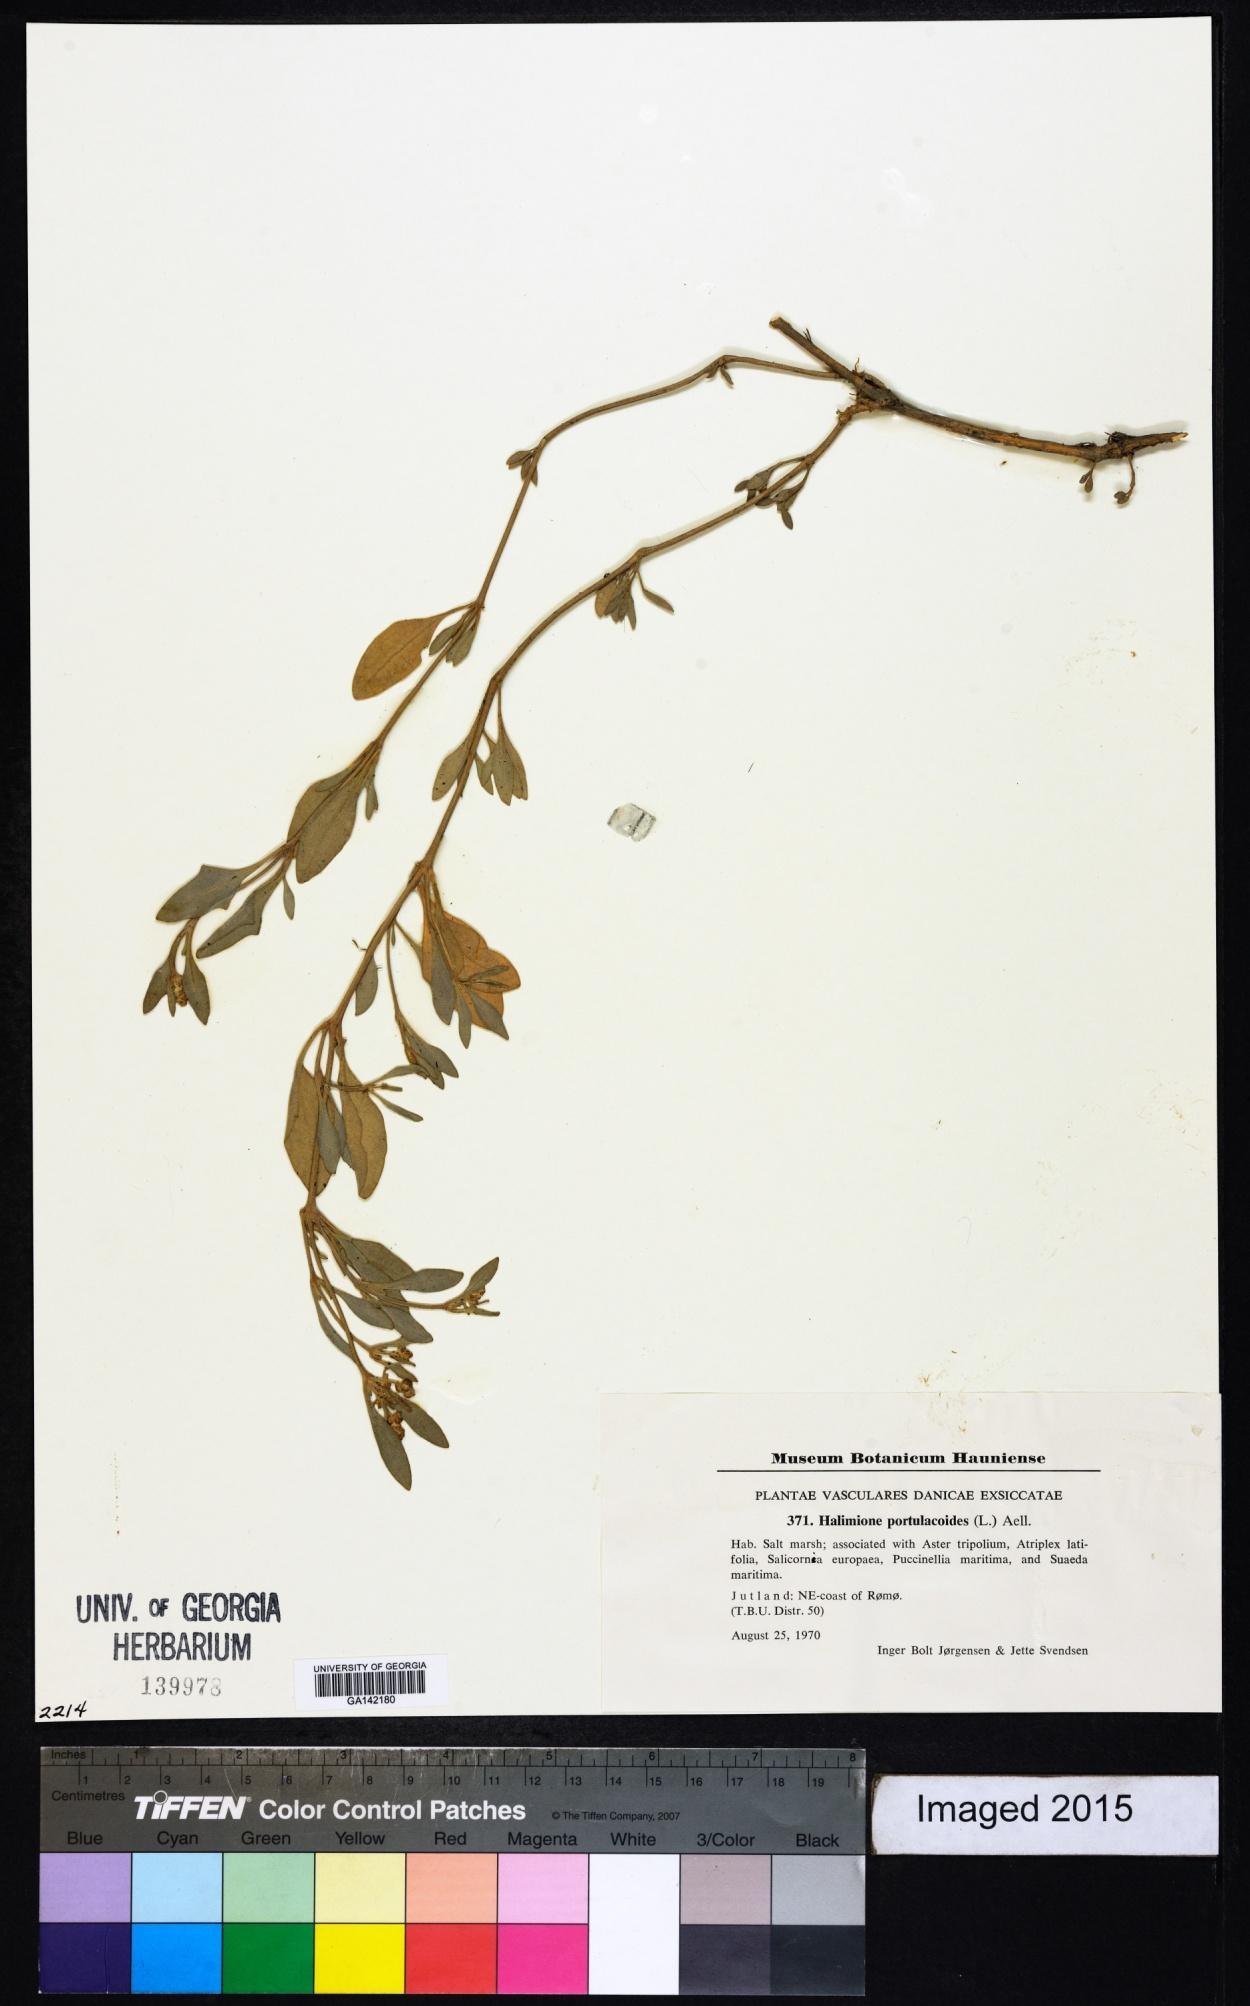 Atriplex pedunculata image